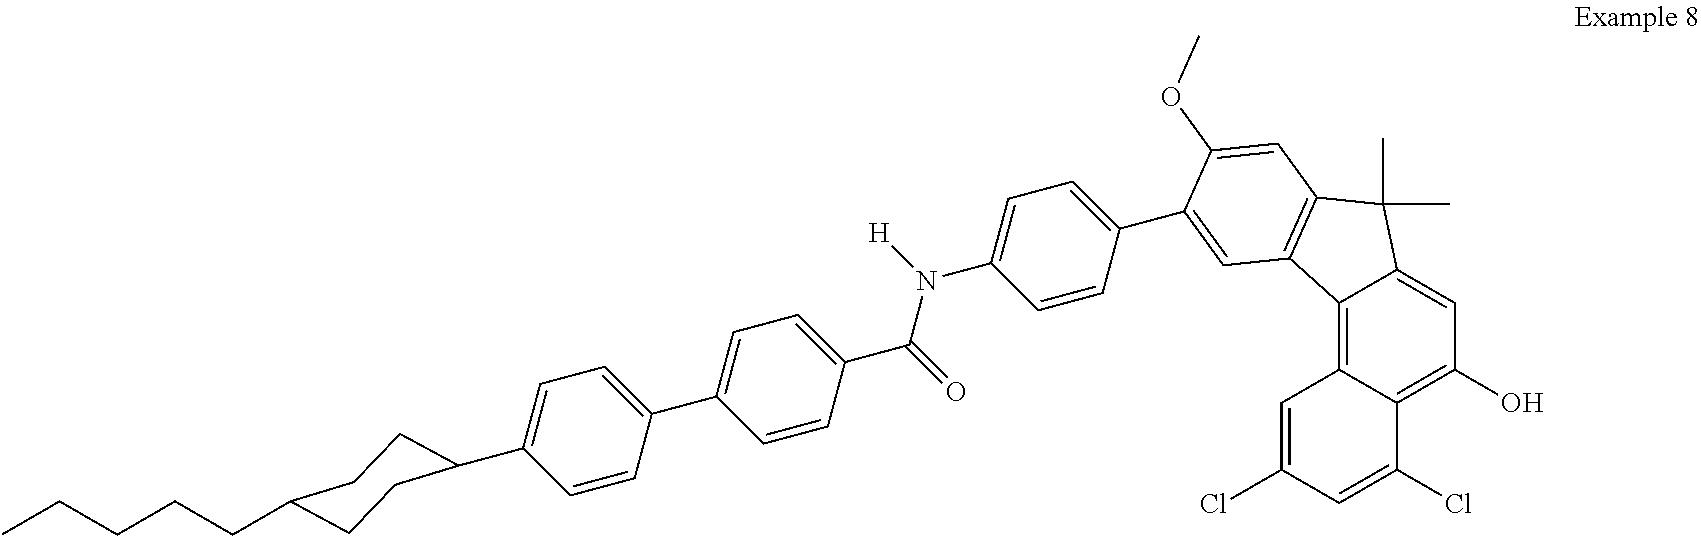 Figure US09309455-20160412-C00038